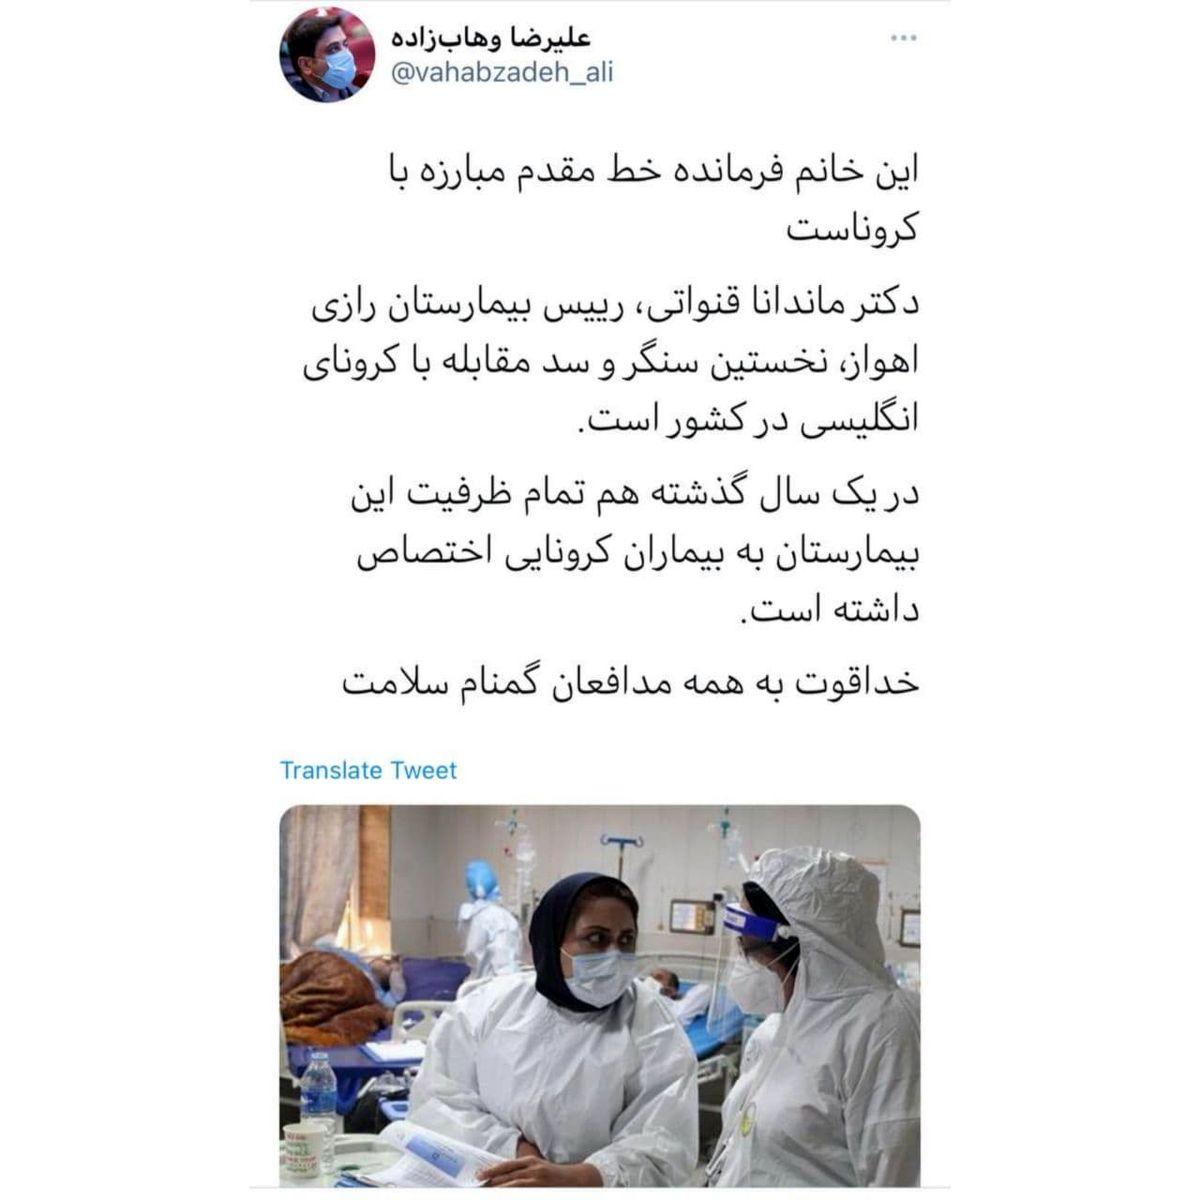 فرمانده زن ایرانی که این روزها سرش شلوغ است +عکس